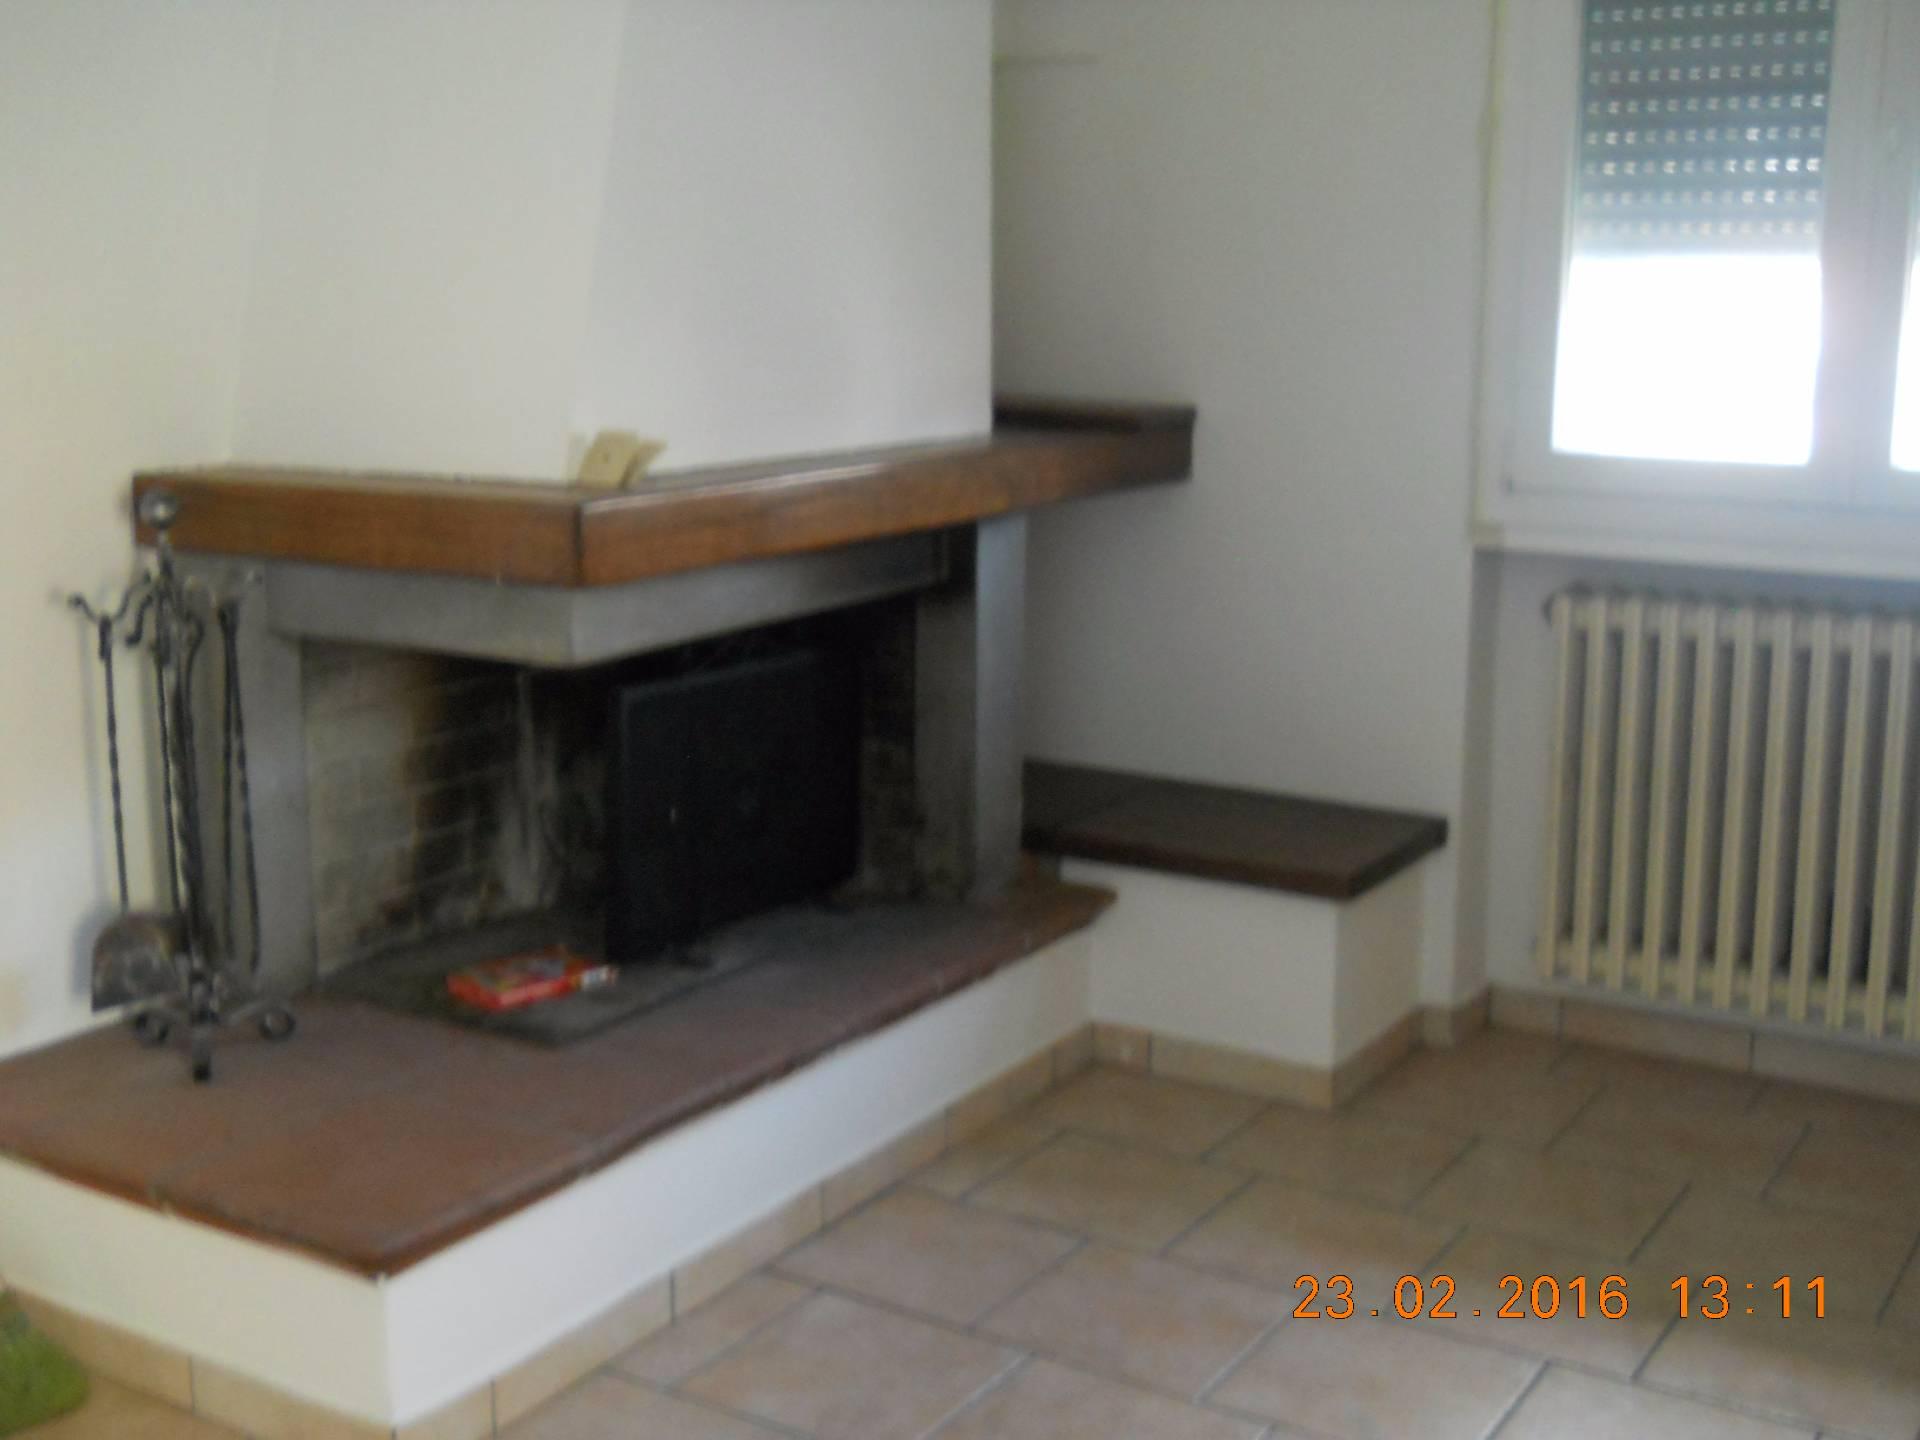 Appartamento in affitto a Castel Bolognese, 2 locali, zona Località: CastelBolognese, prezzo € 450 | Cambio Casa.it